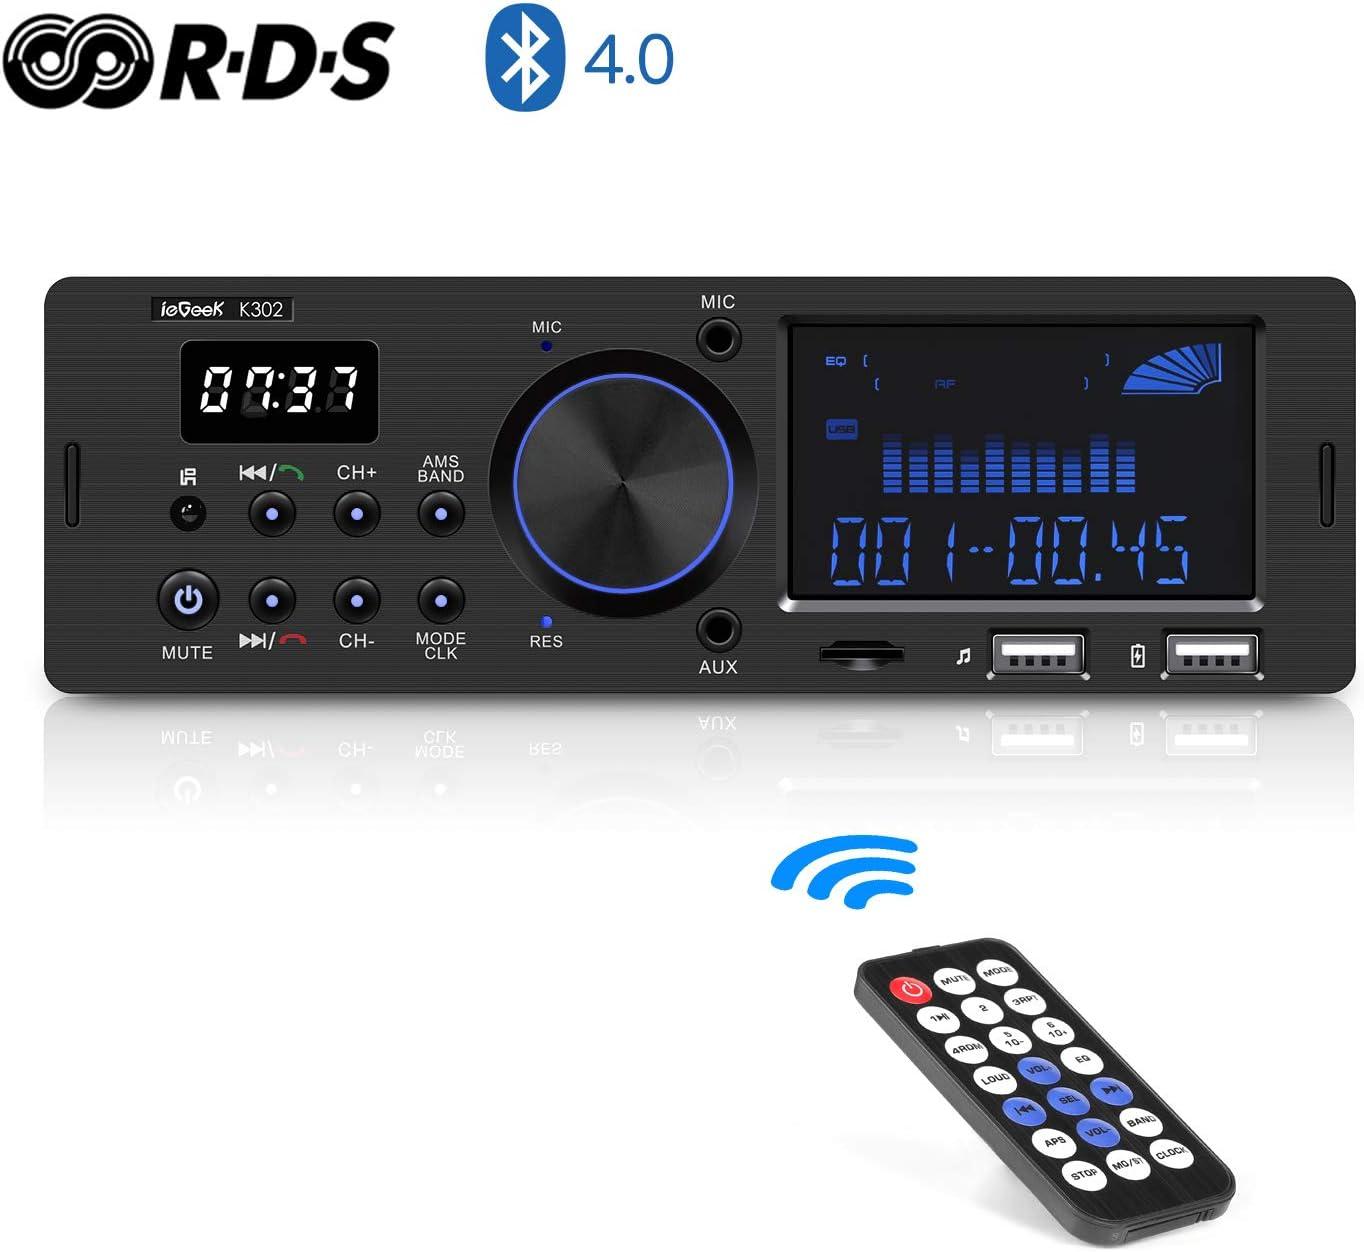 Autoradio Bluetooth Coche RDS Estéreo ieGeek, 60W X 4 Soporta FM/AM/AUX/FLAC/MP3/WMA/WAV, con Control Remoto, Reloj de visualización, Capacidad para 30 Emisoras de Radio, Manos Libres,1DIN